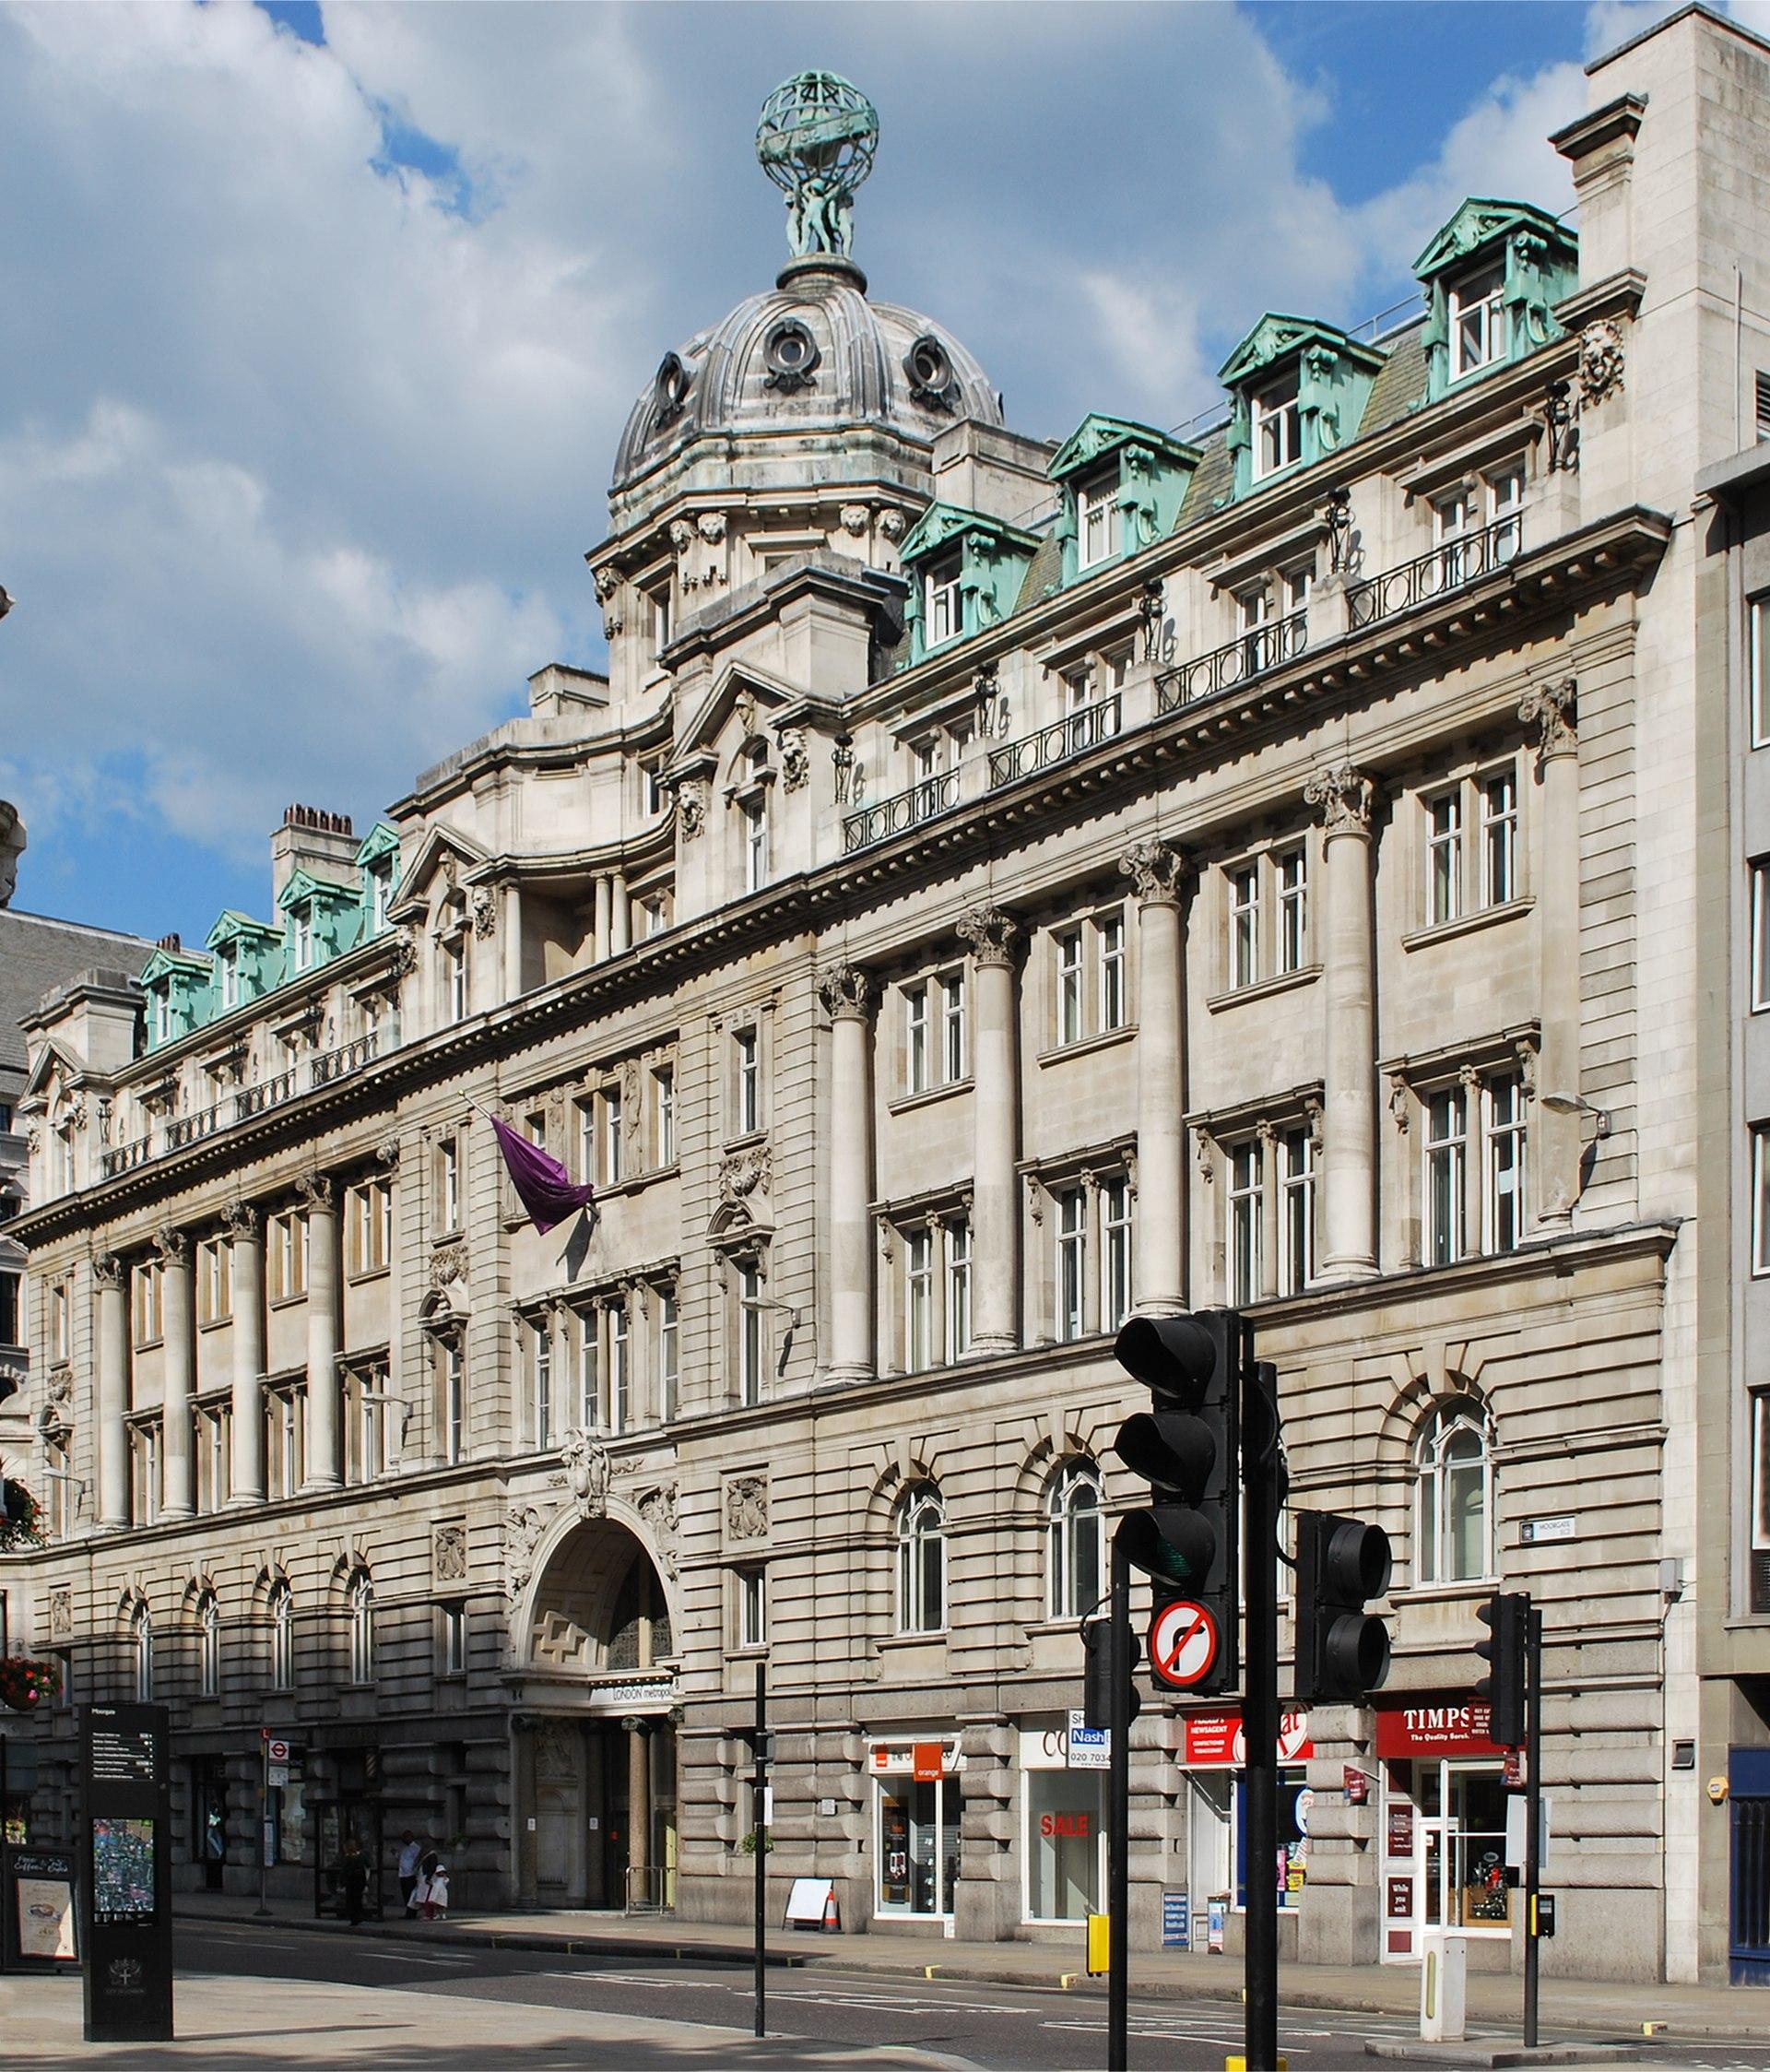 London Sehenswürdigkeiten >> die TOP 25 Sehenswürdigkeiten in London! London mal anders